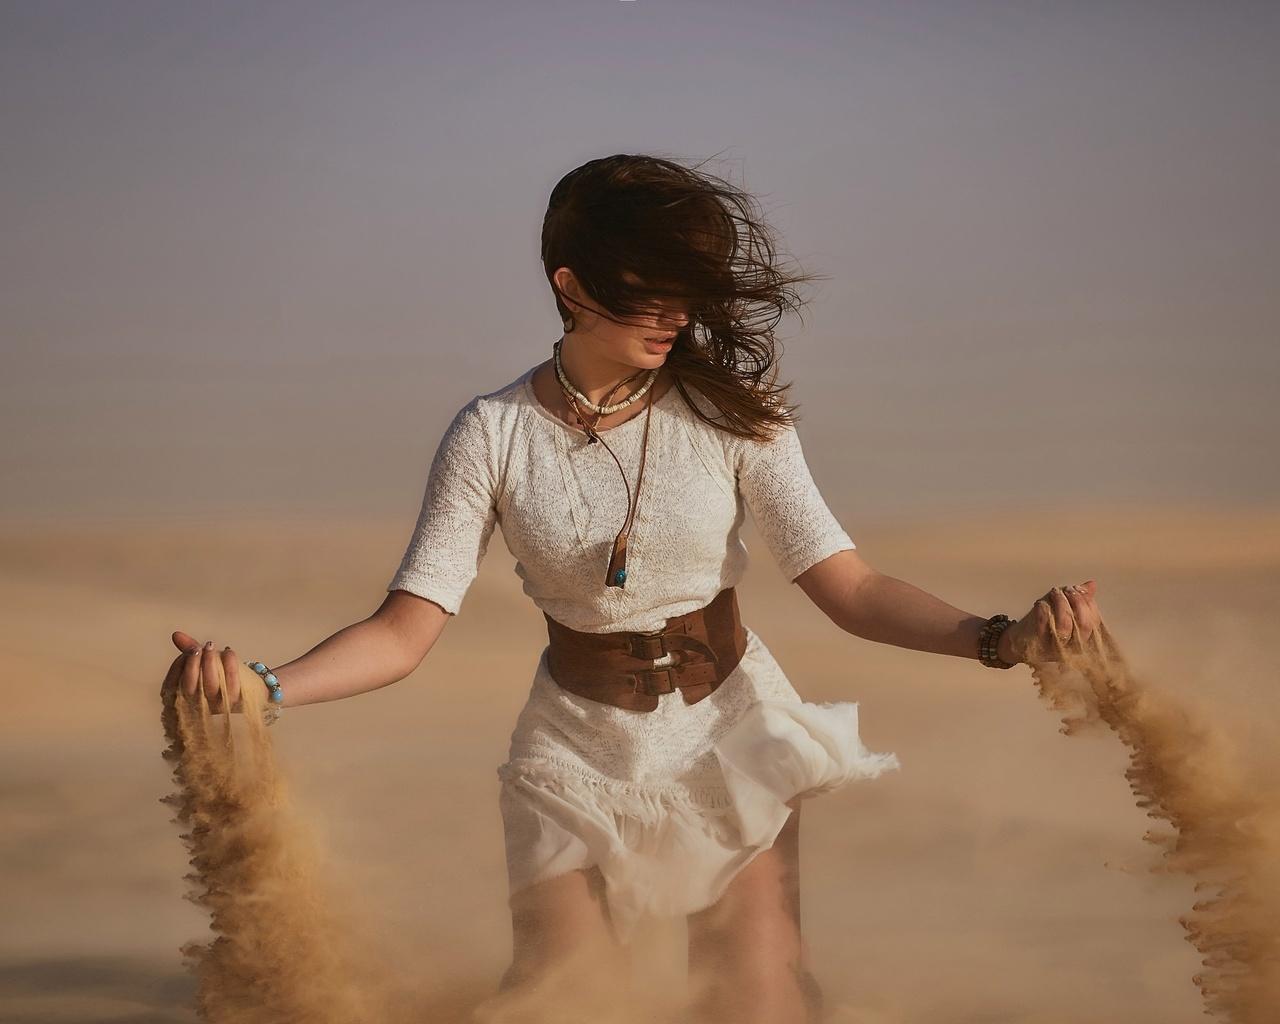 Девушка с песком картинки